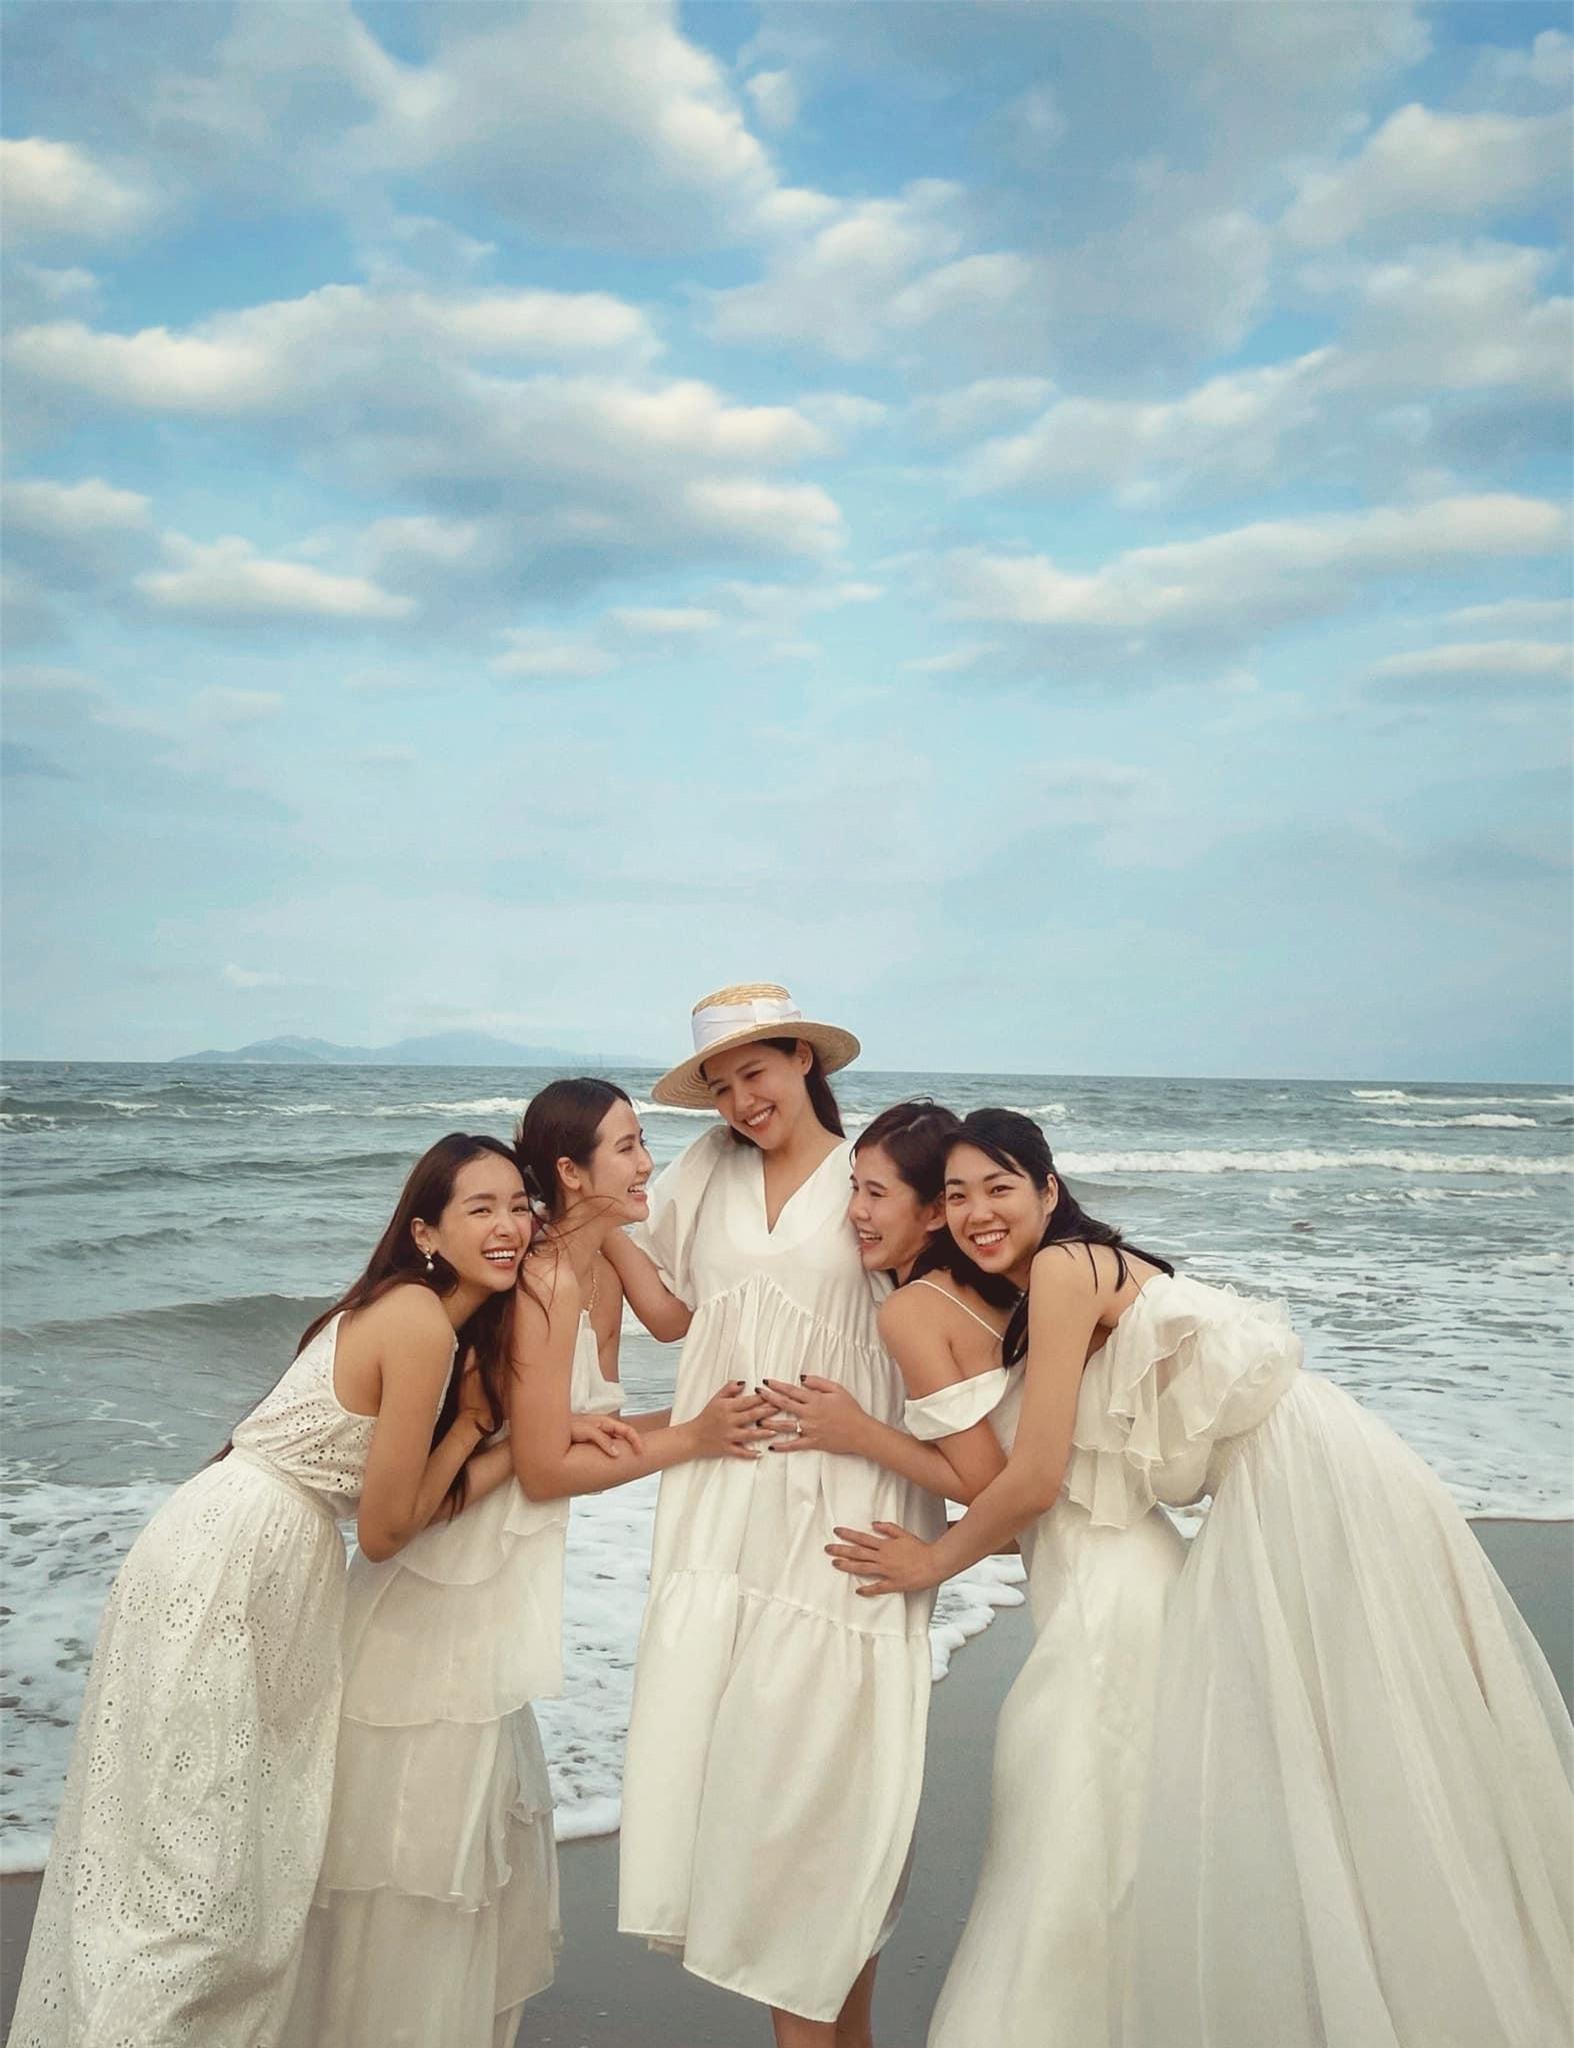 Phanh Lee ôm bụng bầu khoe nhan sắc ngọt ngào, hội chị em Vbiz lên chức 'mẹ đỡ đầu' ảnh 4